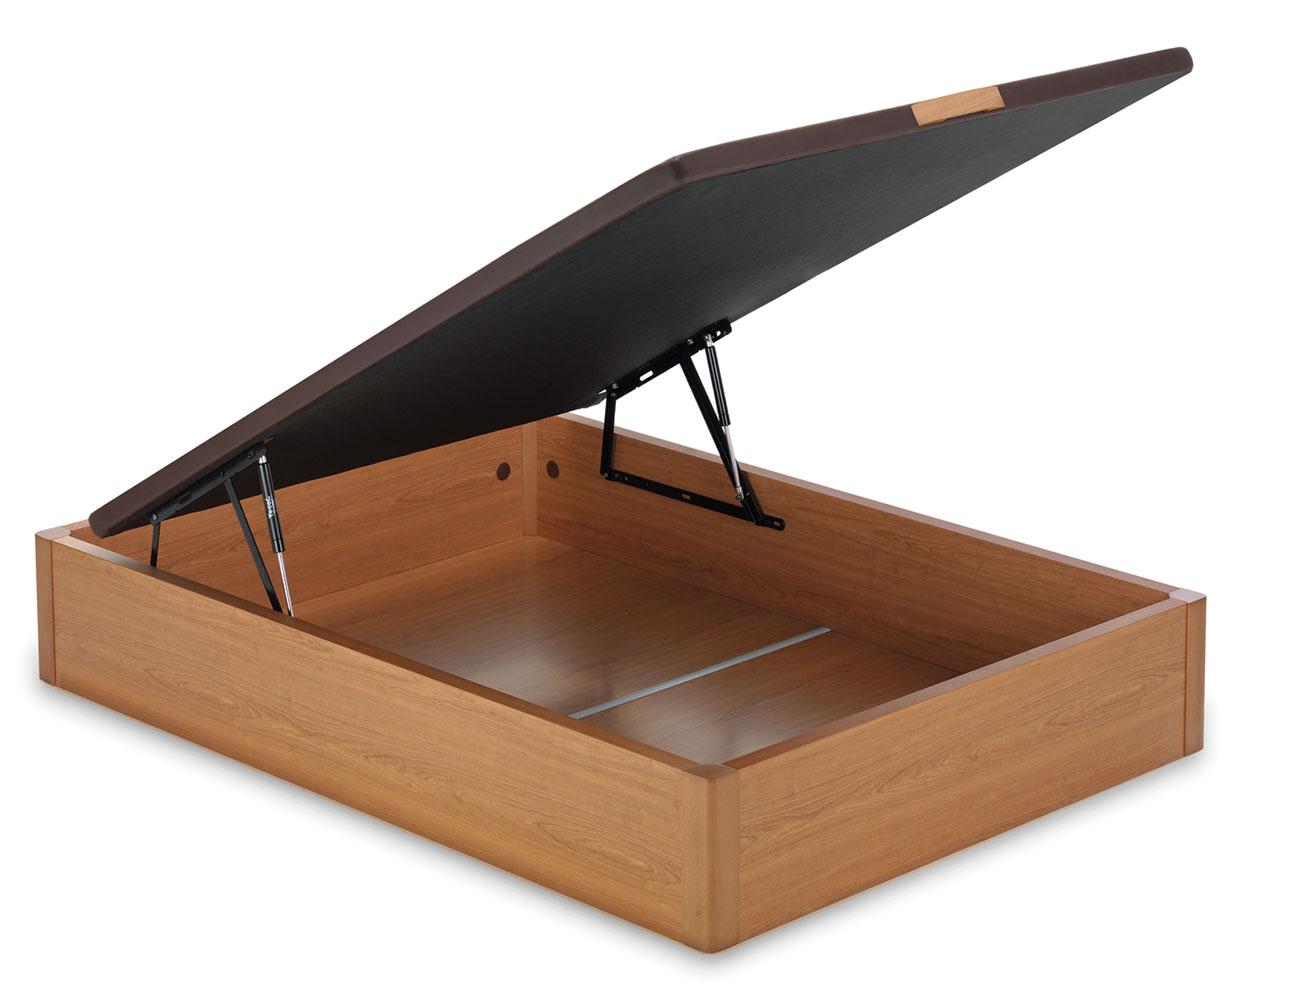 Canape madera 5 cm grosor gran calidad abierto3